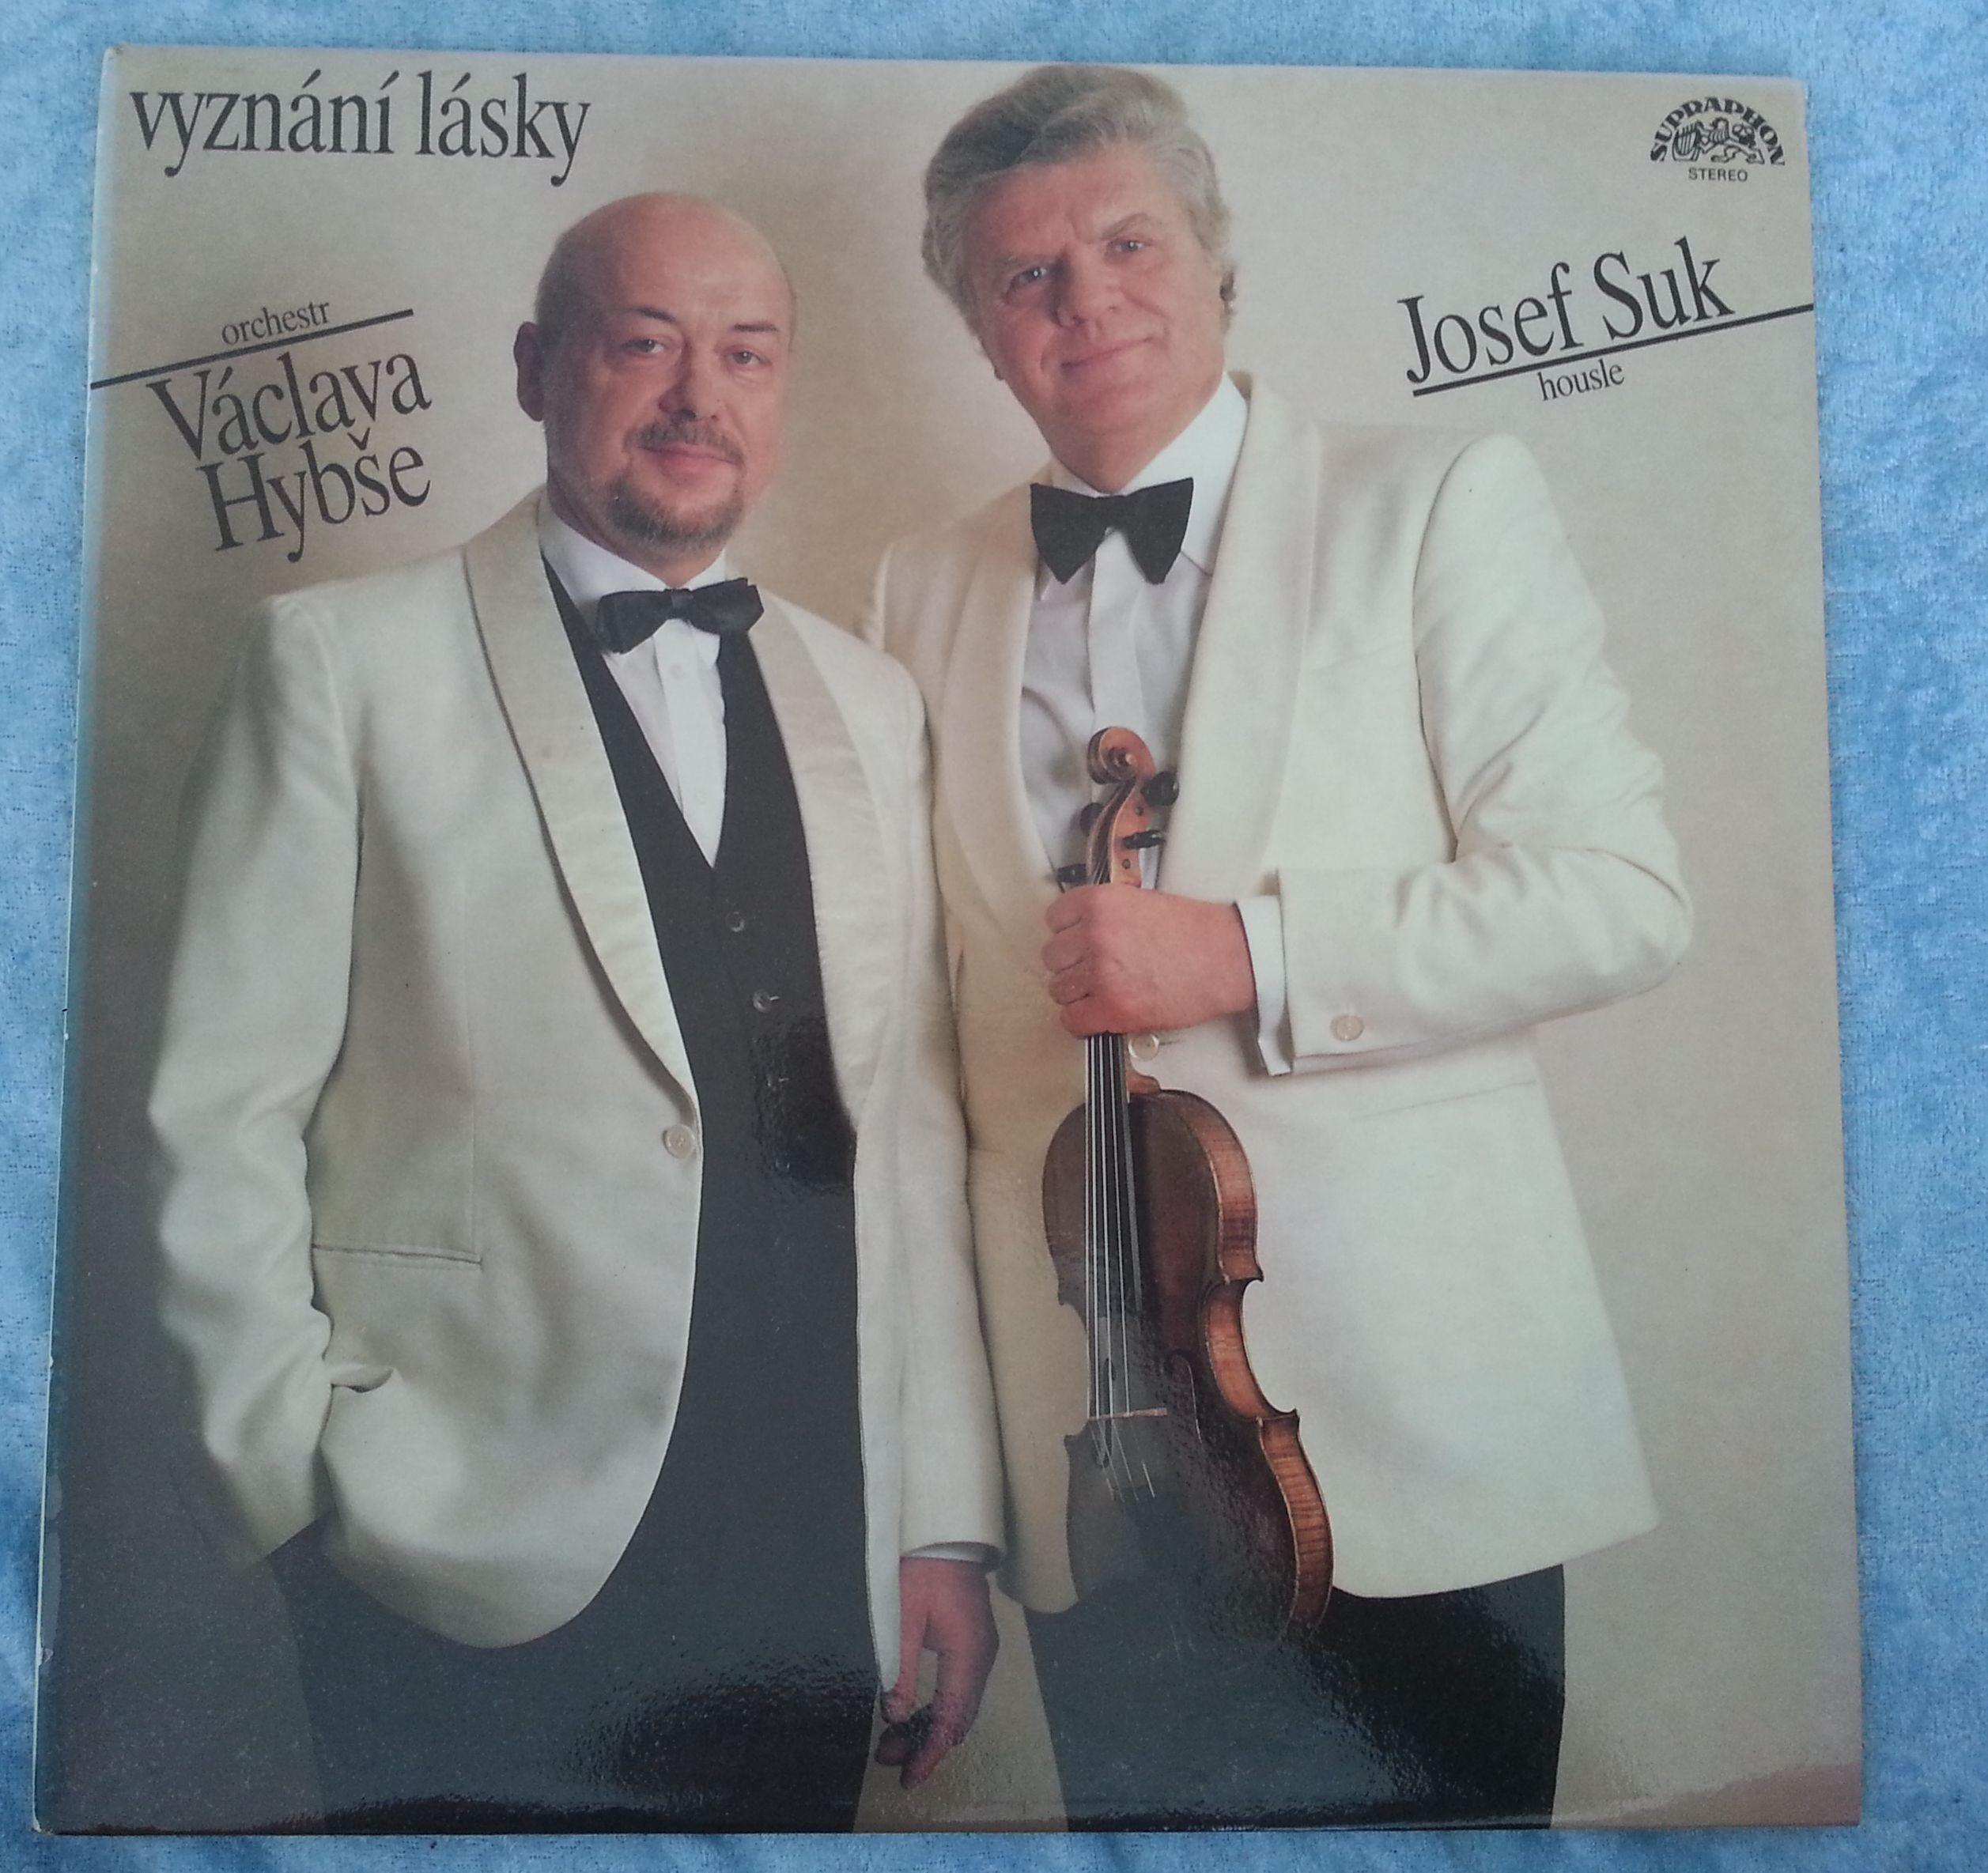 Vyznání lásky - Orchestr Václava Hybše, Josef Suk (gramodeska)